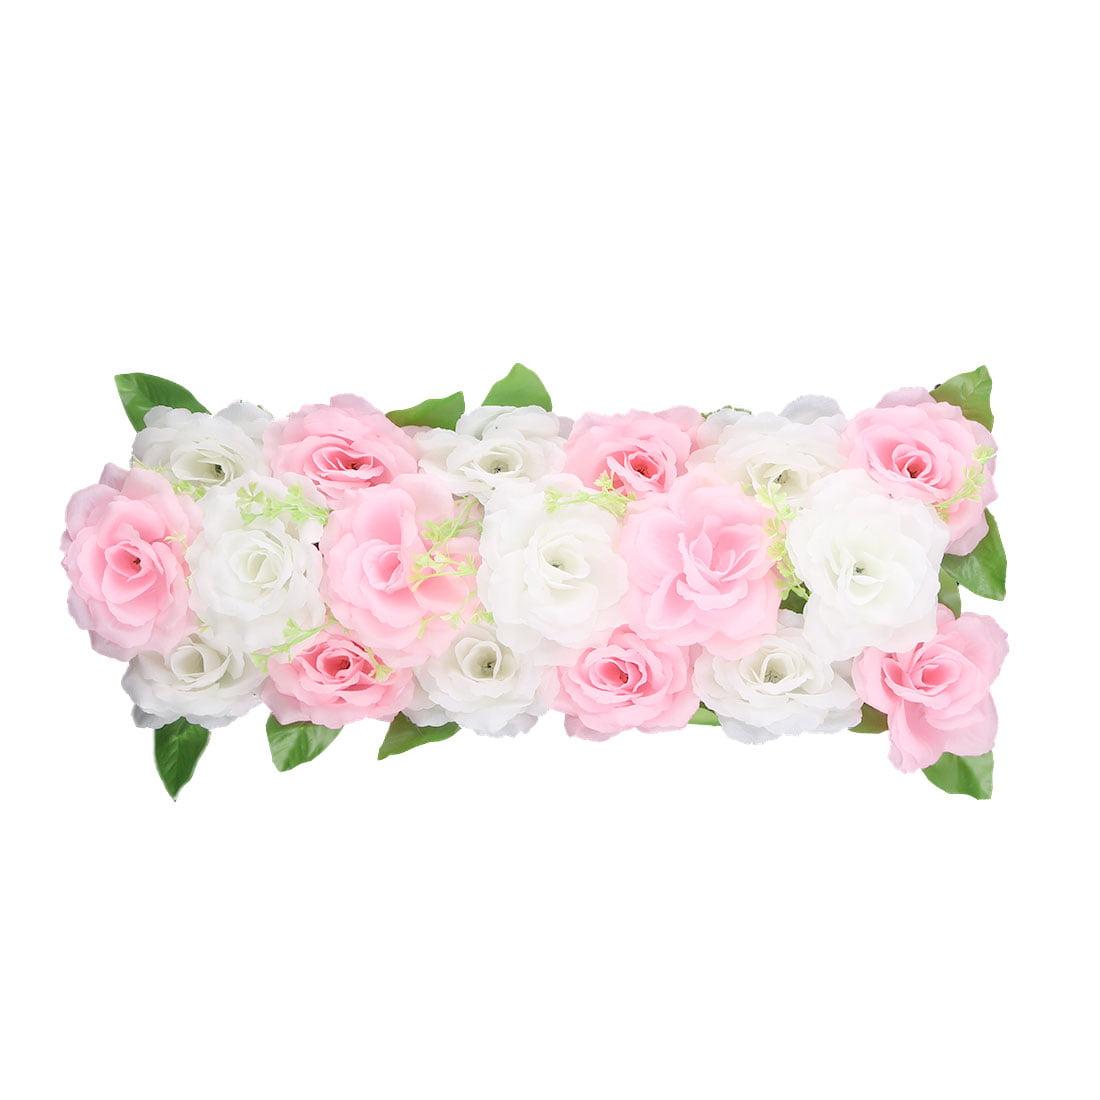 Diy Flower Garland: Unique Bargains Wedding Fabric DIY Wall Arch Hanging